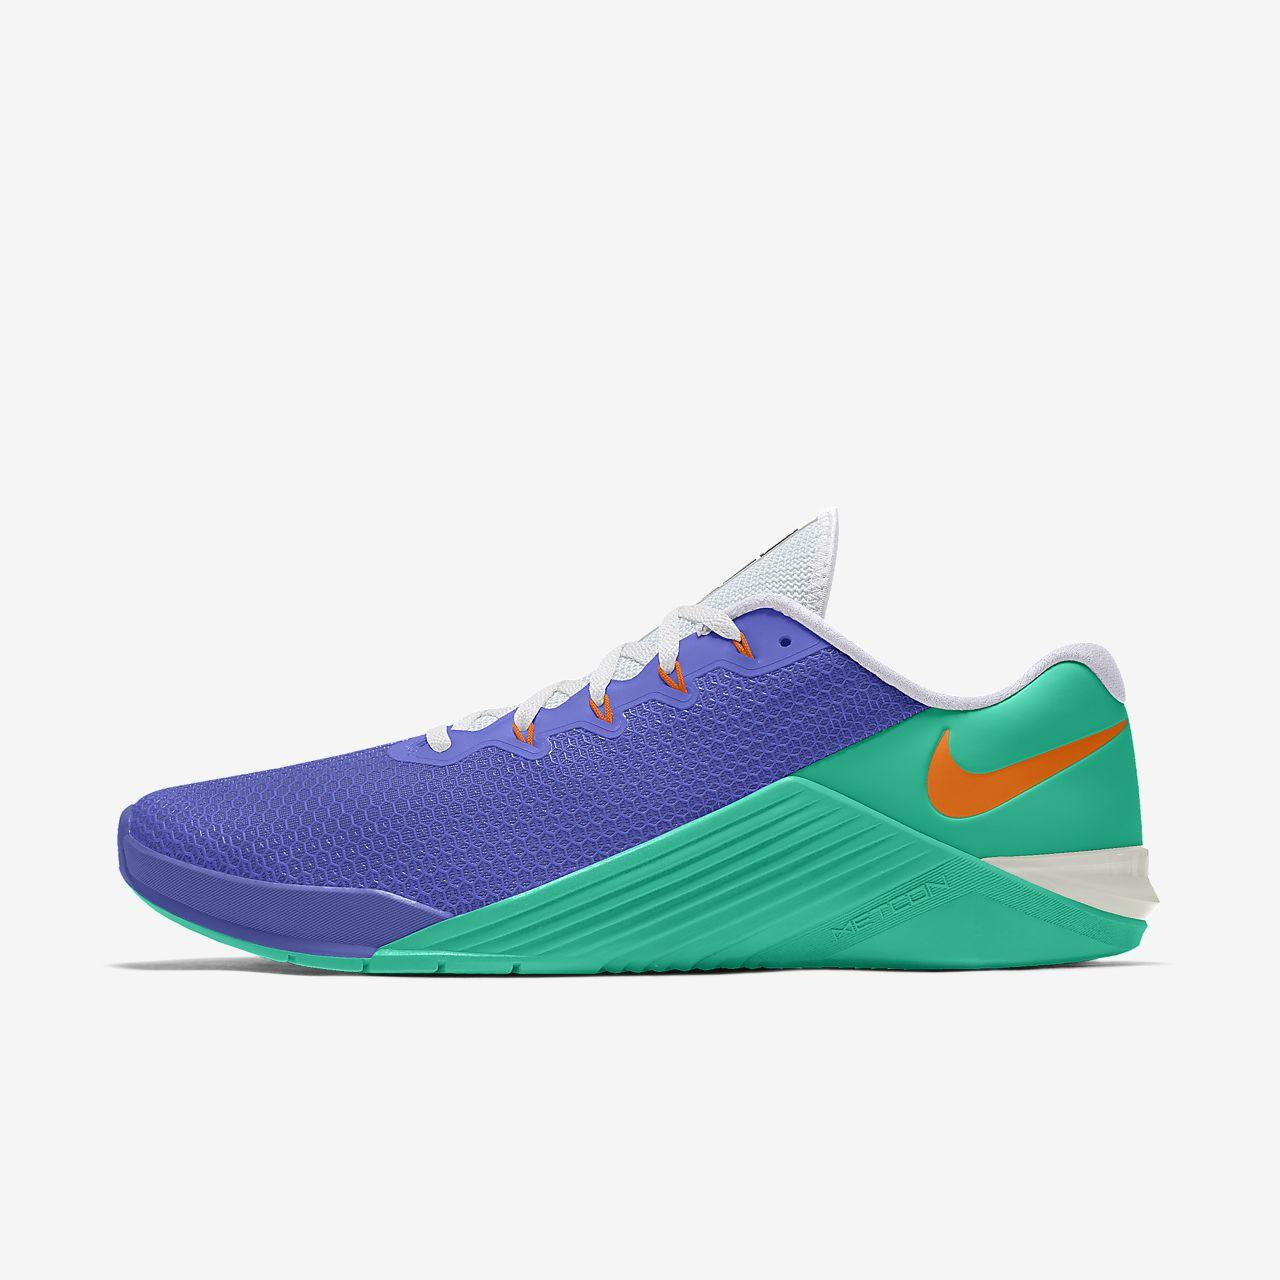 Nike Metcon 5 By You Sabatilles de cross-training i aixecament de pesos personalitzables